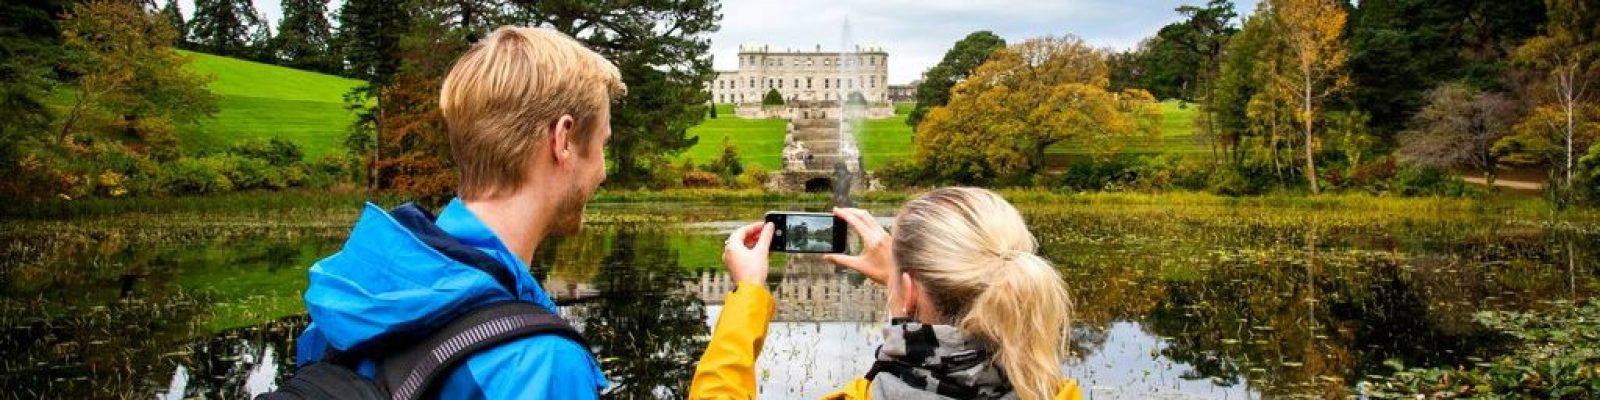 Déan do Chuairt a phleanáil go Powerscourt Estate and Gardens